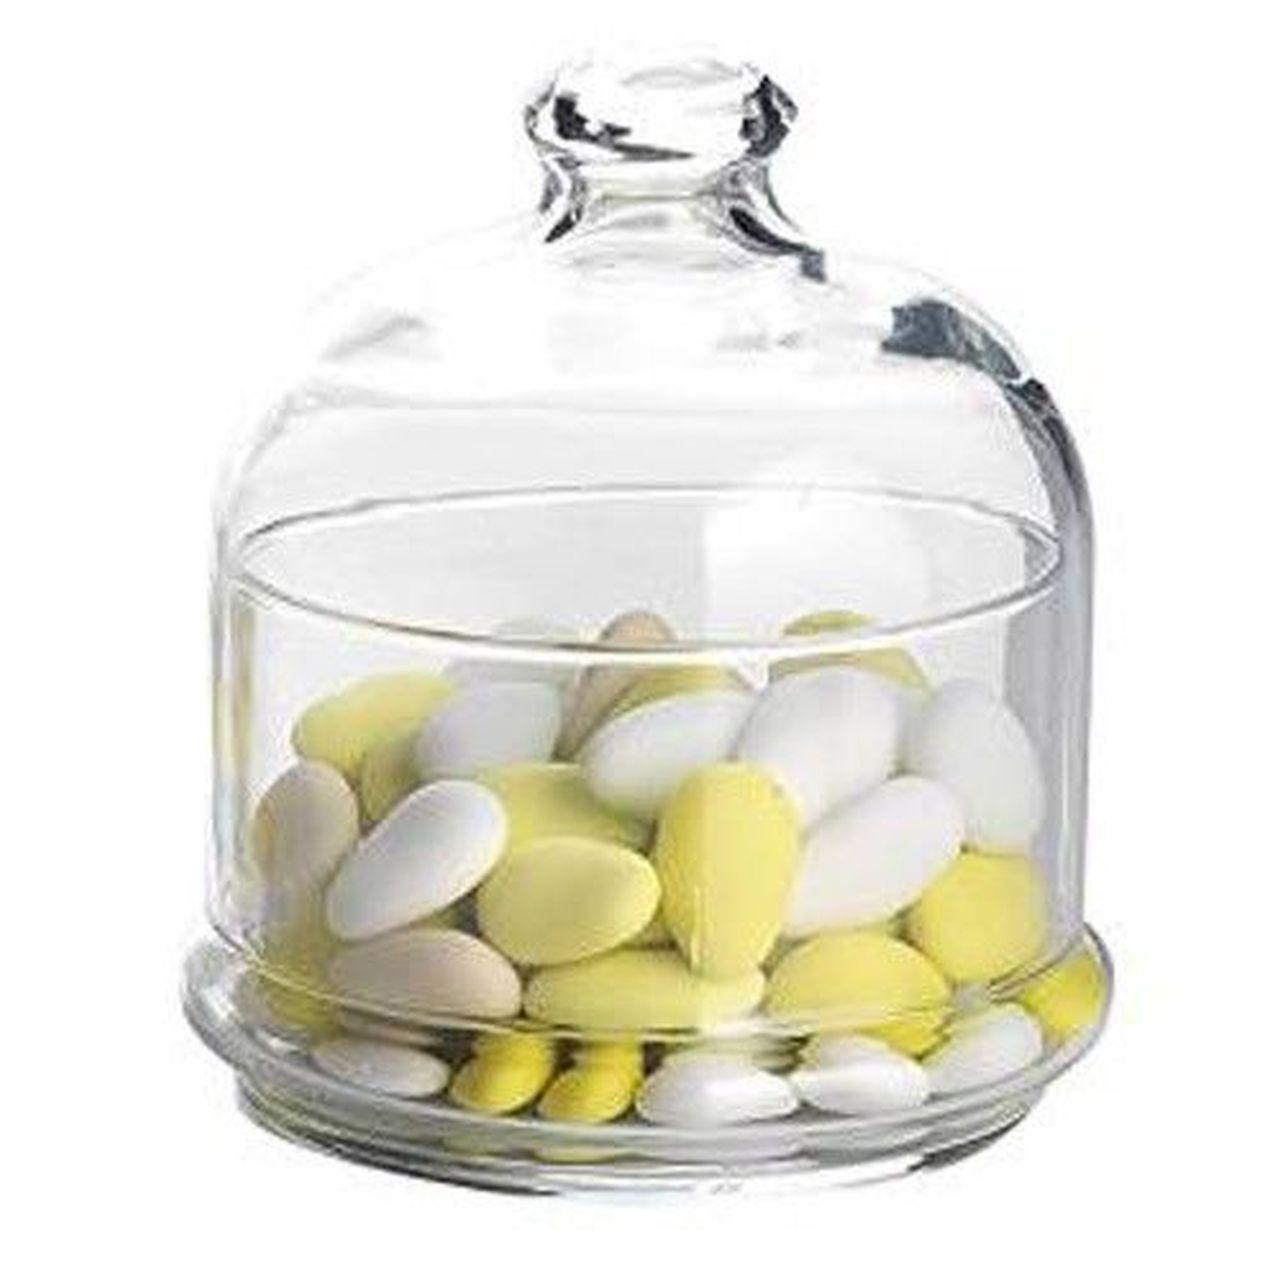 Scatola porta confetti con campana e piattino in vetro cl 55 cm.13,5h diam.11,2